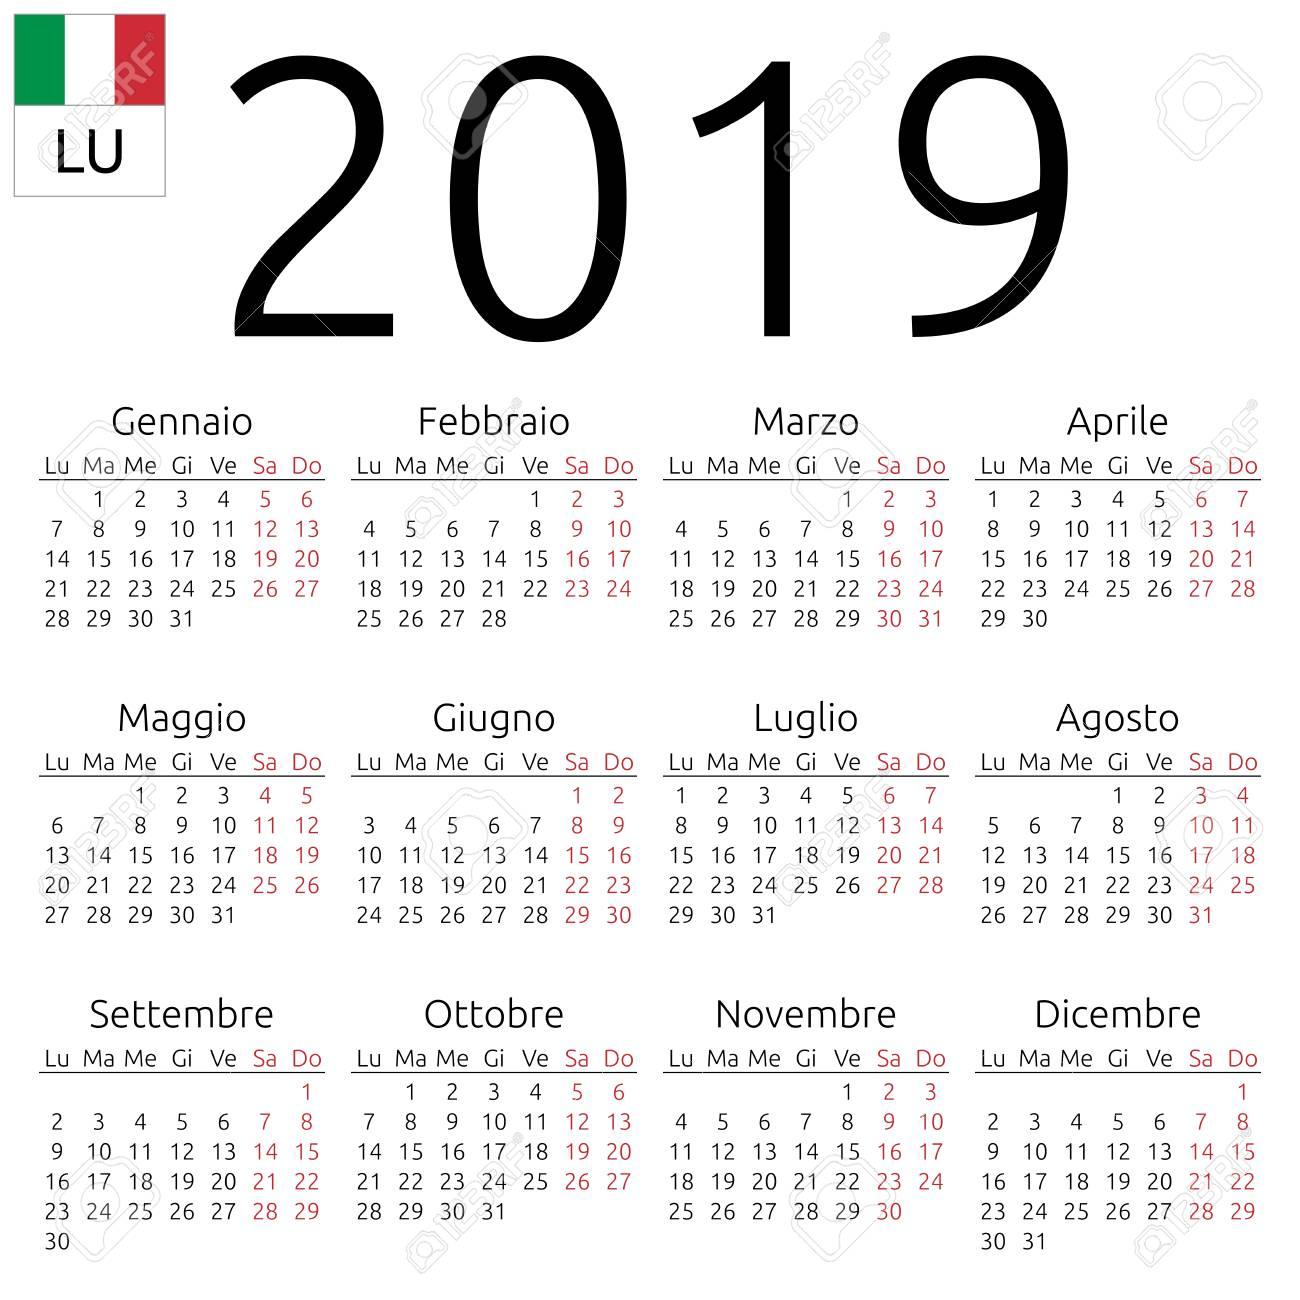 Italia Calendario.Calendario Murale Annuale Semplice Anno 2019 Lingua Italiana La Settimana Inizia Il Lunedi Sabato E Domenica Evidenziati Nessuna Festivita